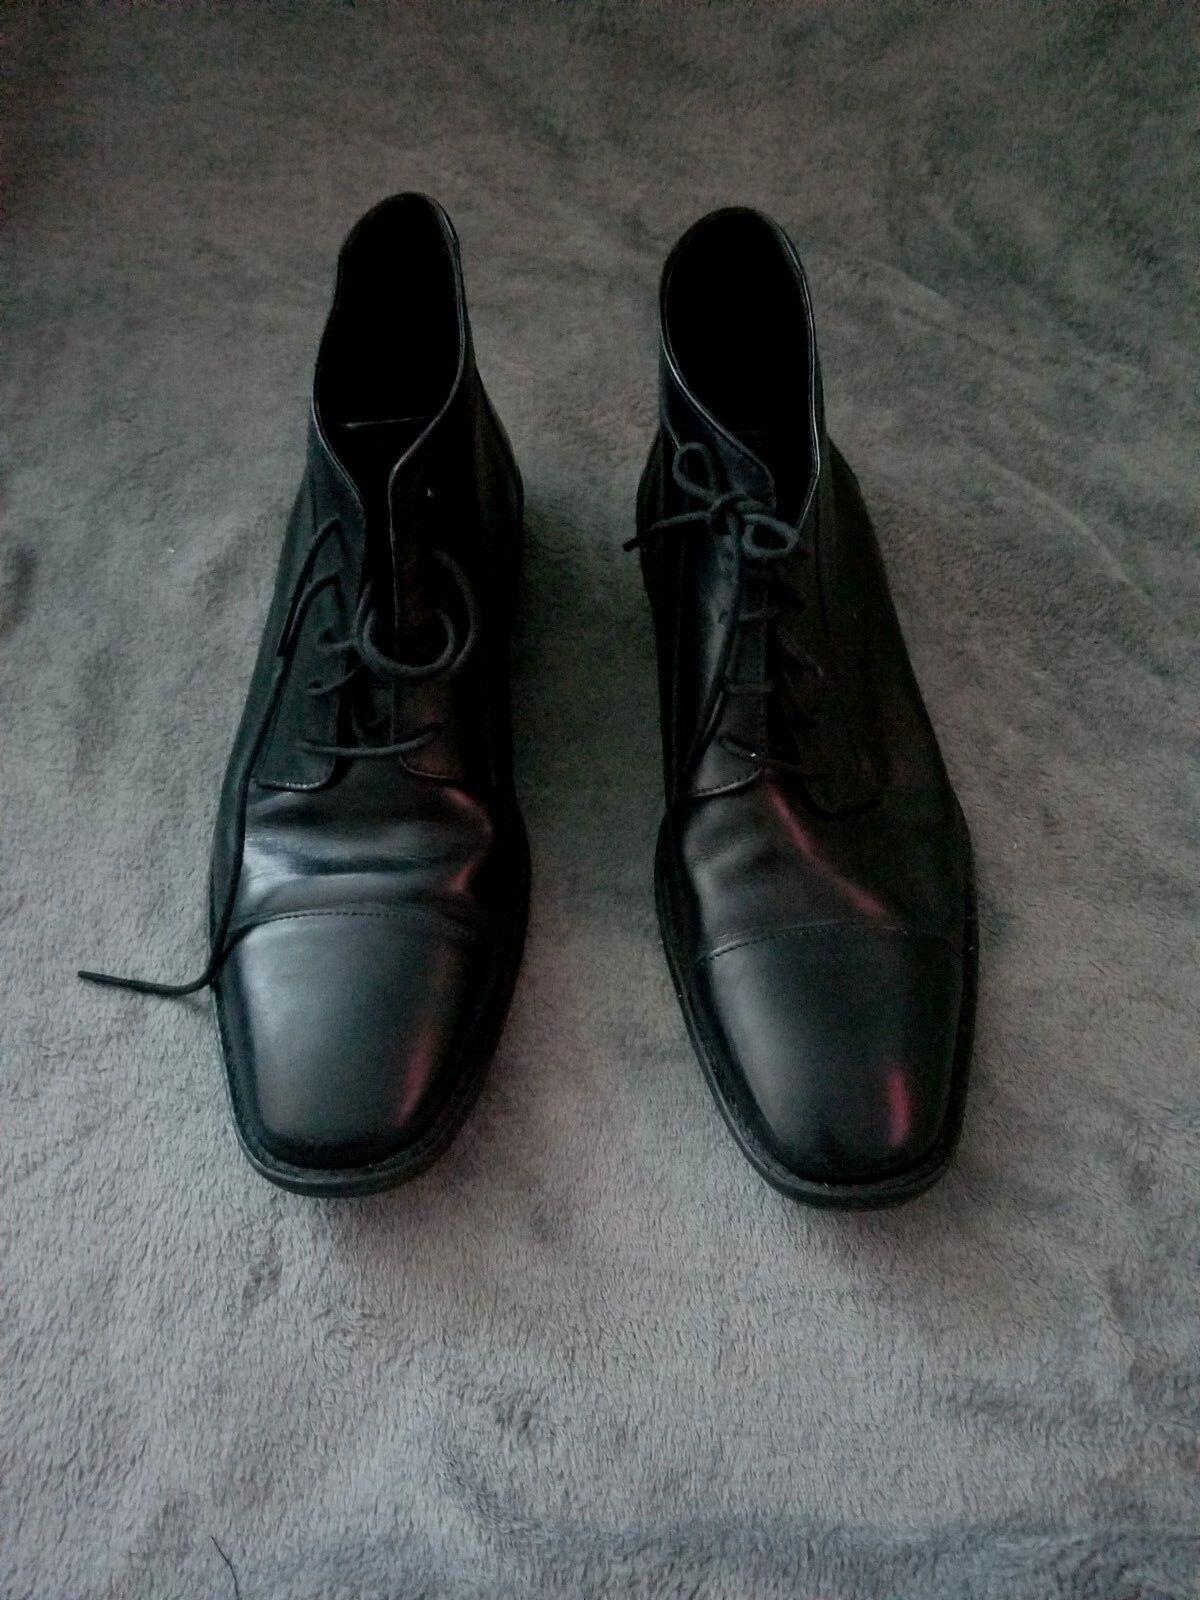 Men's Johnston & Murphy Black Cap Toe Lace-Up Short Boot size 9.5D VGUCsb